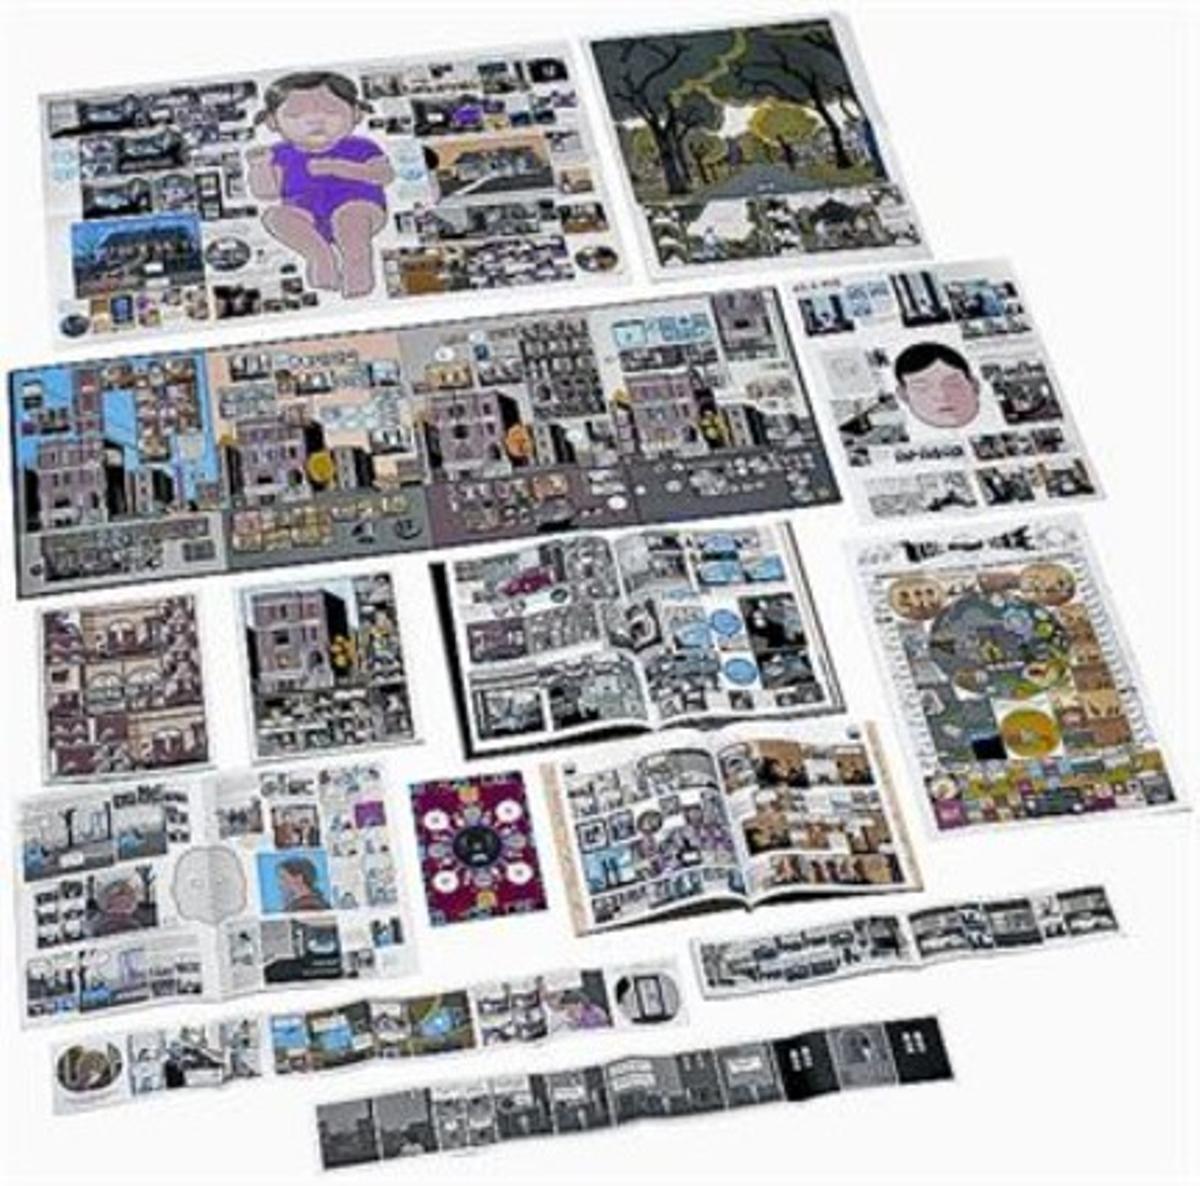 Arriba, todos los tebeos, de distintos formatos, con los que Chris Ware construye 'Fabricar historias'. En la silueta, la caja, y abajo, una página.